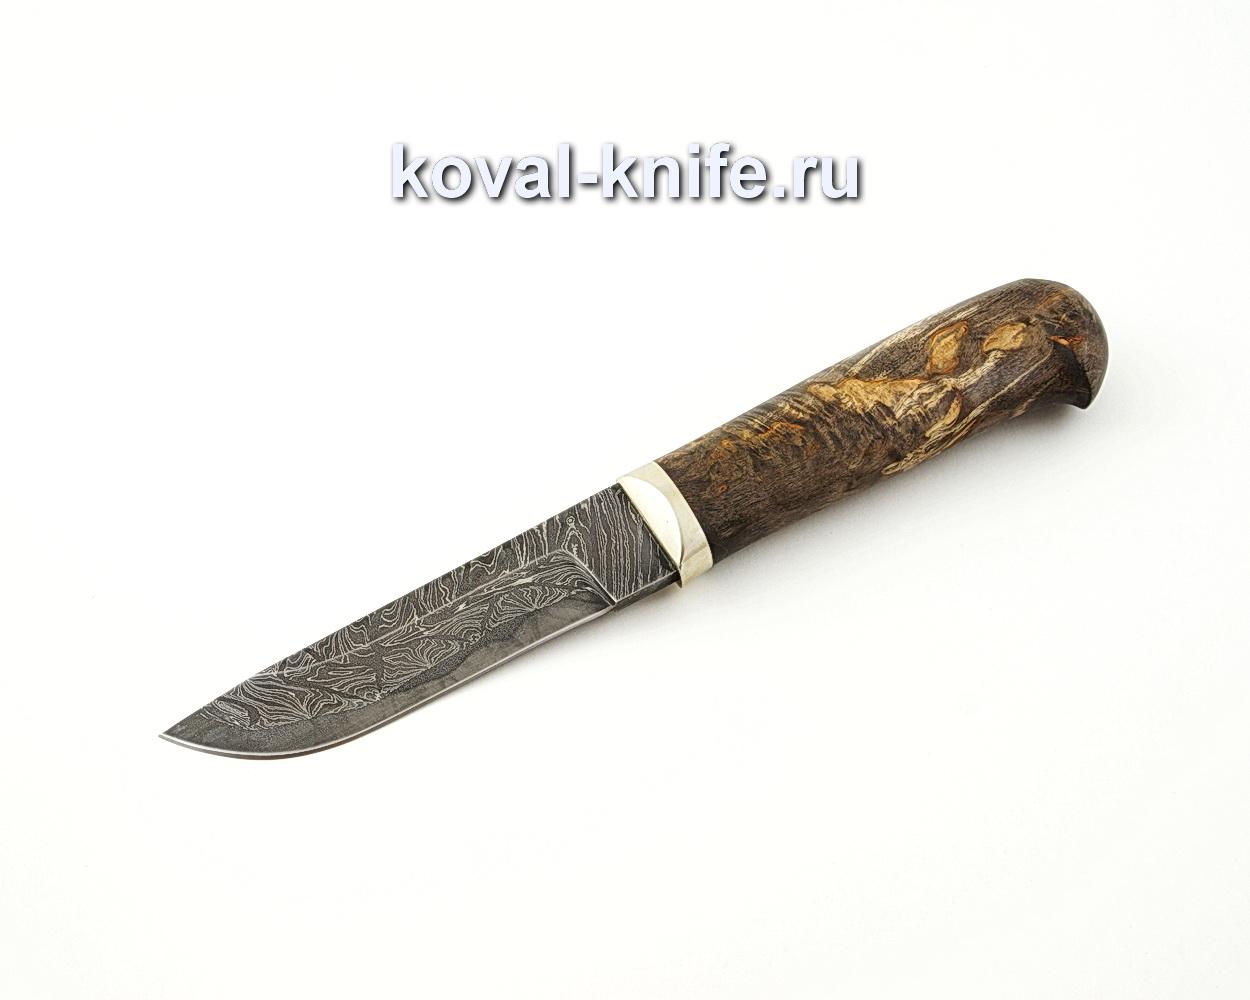 Нож Белка из ламинированной стали (рукоять стабилизированная карельская береза) A518